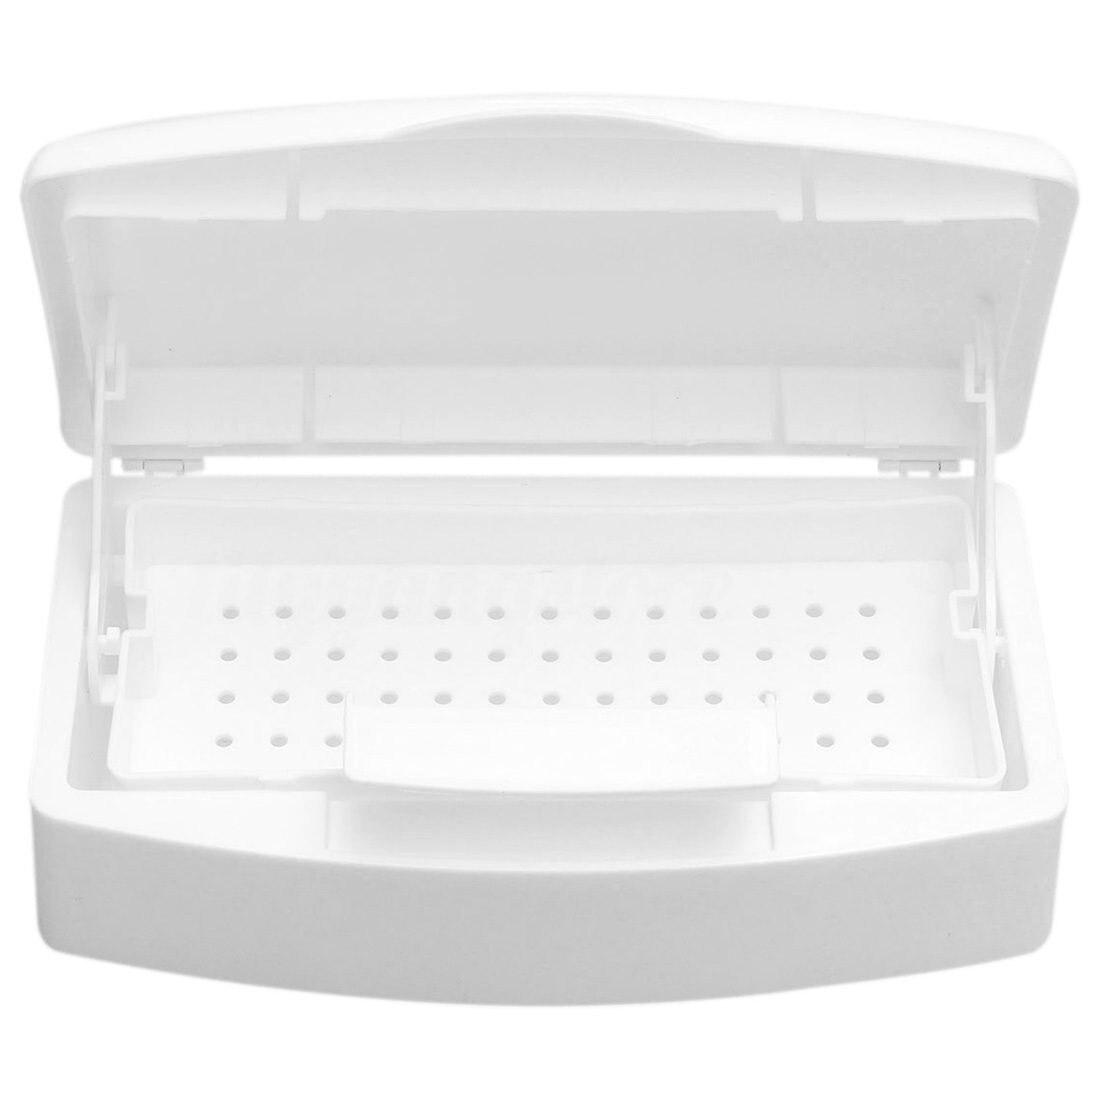 Nuovo Sterilizzatore Vassoio di Sterilizzazione Clean Box Unghie artistiche Salone di Manicure Implementare Tool, Strumento di Tipo 1